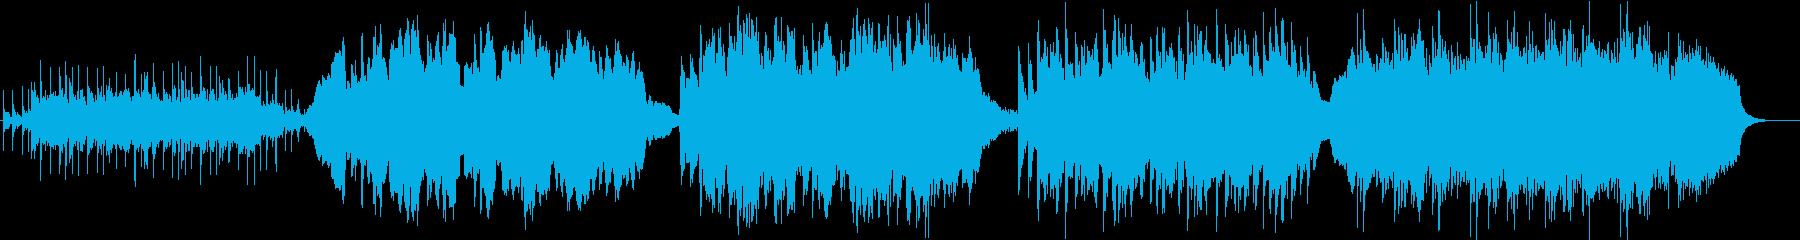 【劇伴】ミステリーサスペンスの再生済みの波形